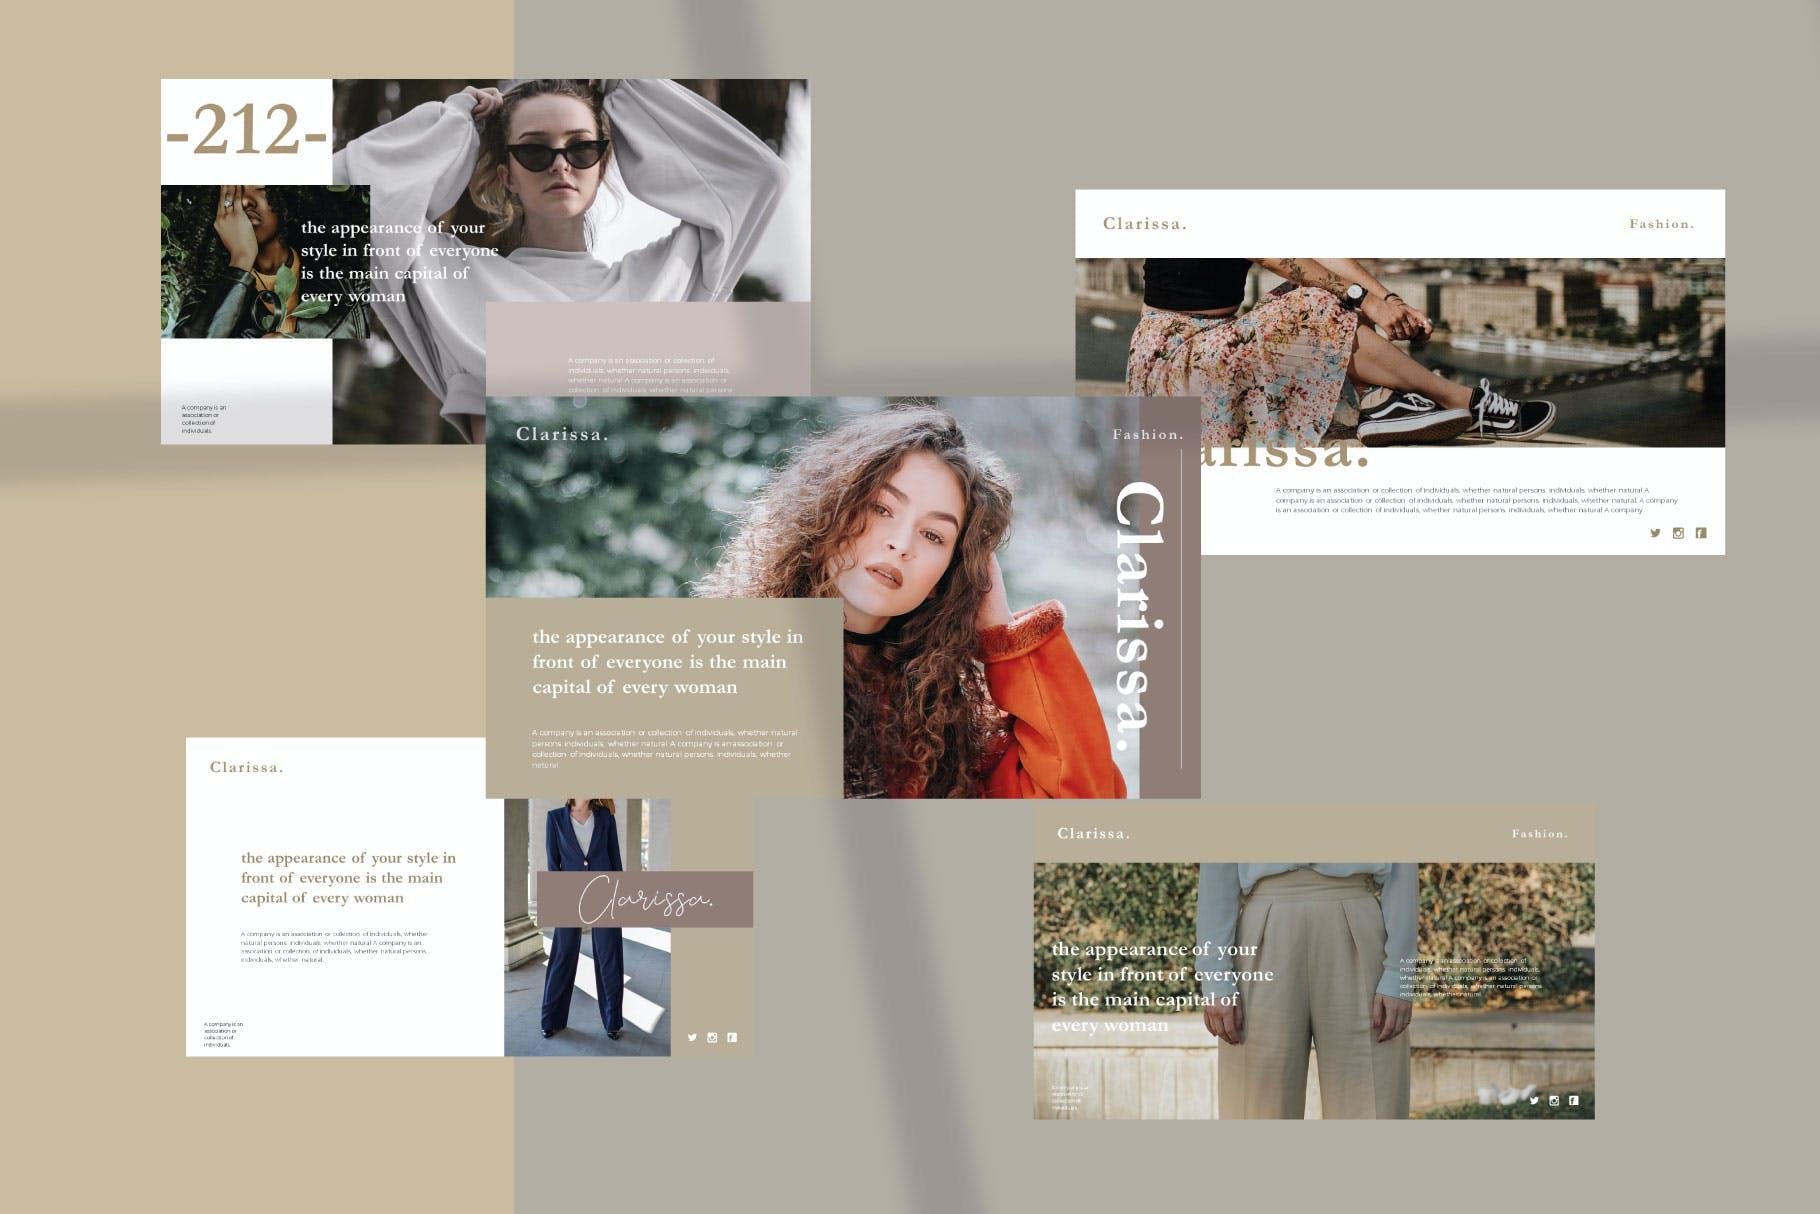 时尚简约摄影作品集图文排版幻灯片设计模板 Clarissa Bundle Presentation插图3